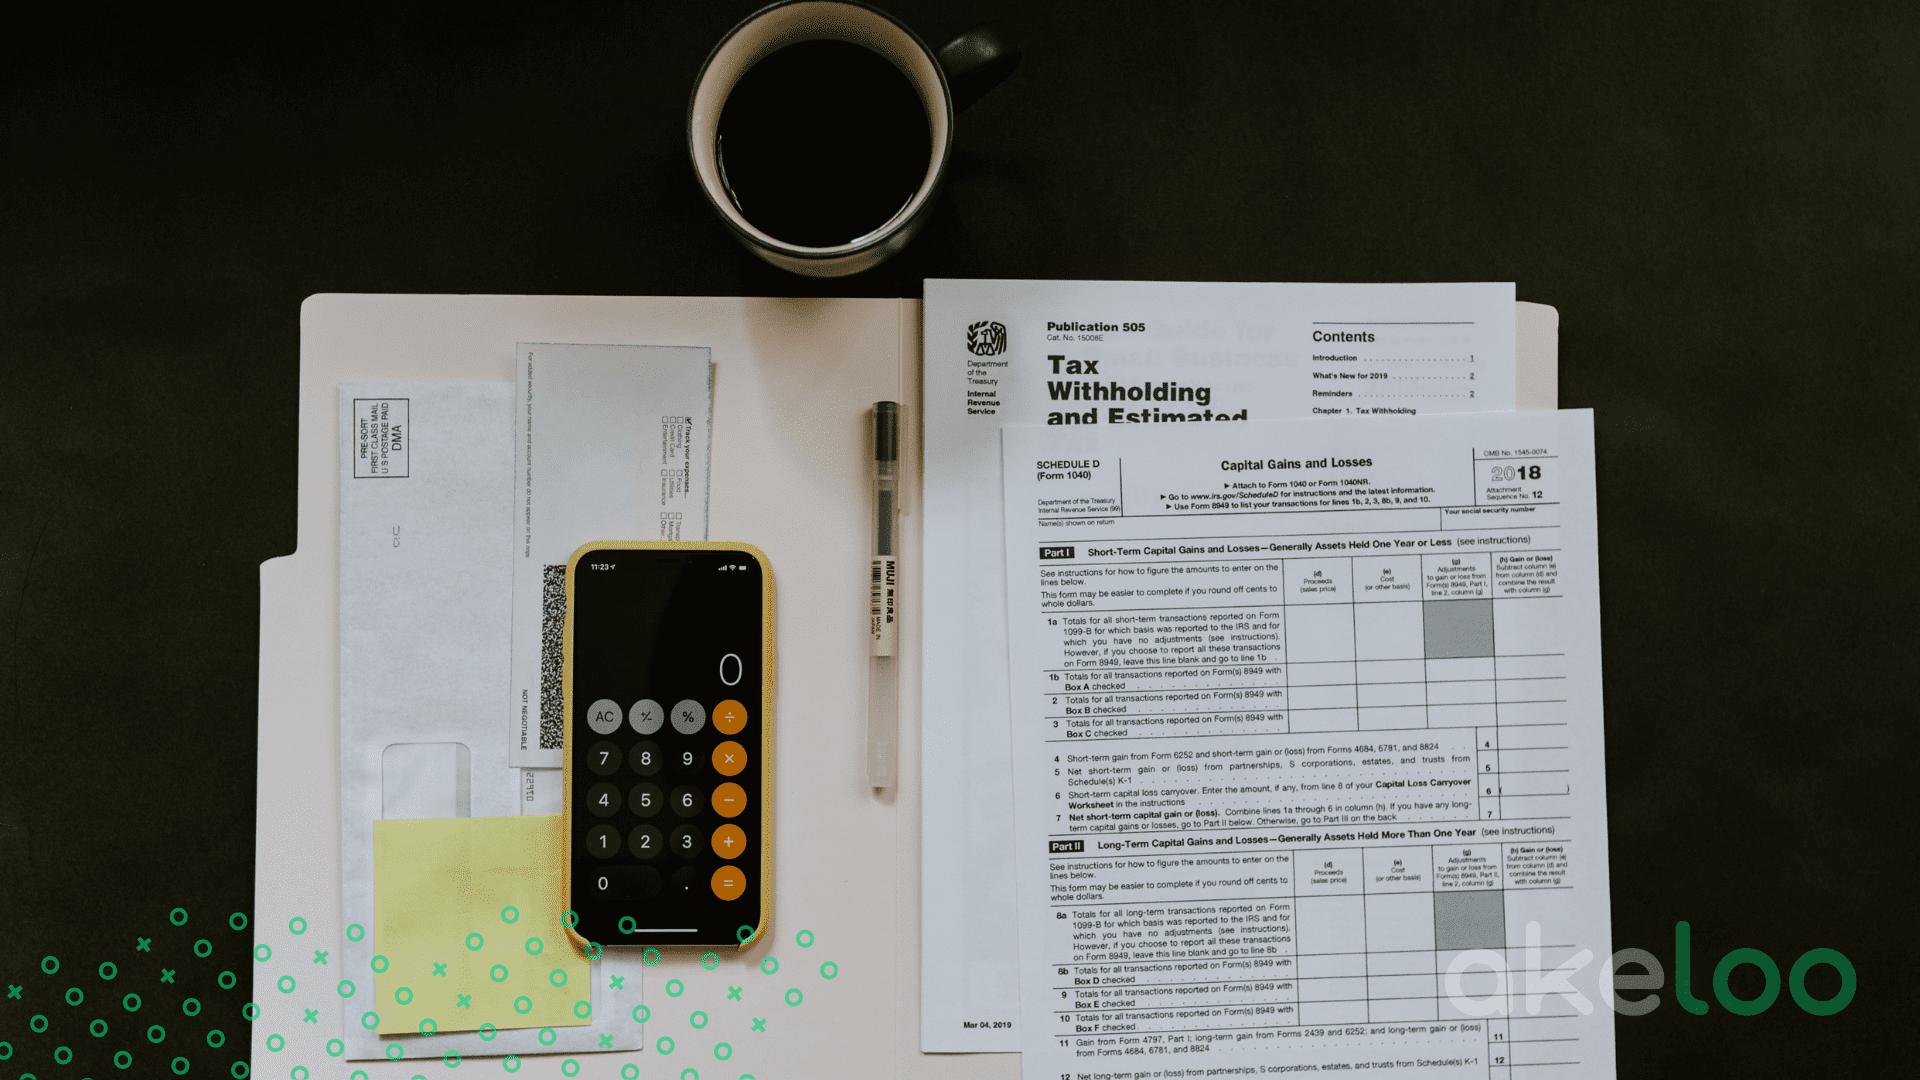 Calcular Imposto de Renda mensal: aprenda com o passo a passo